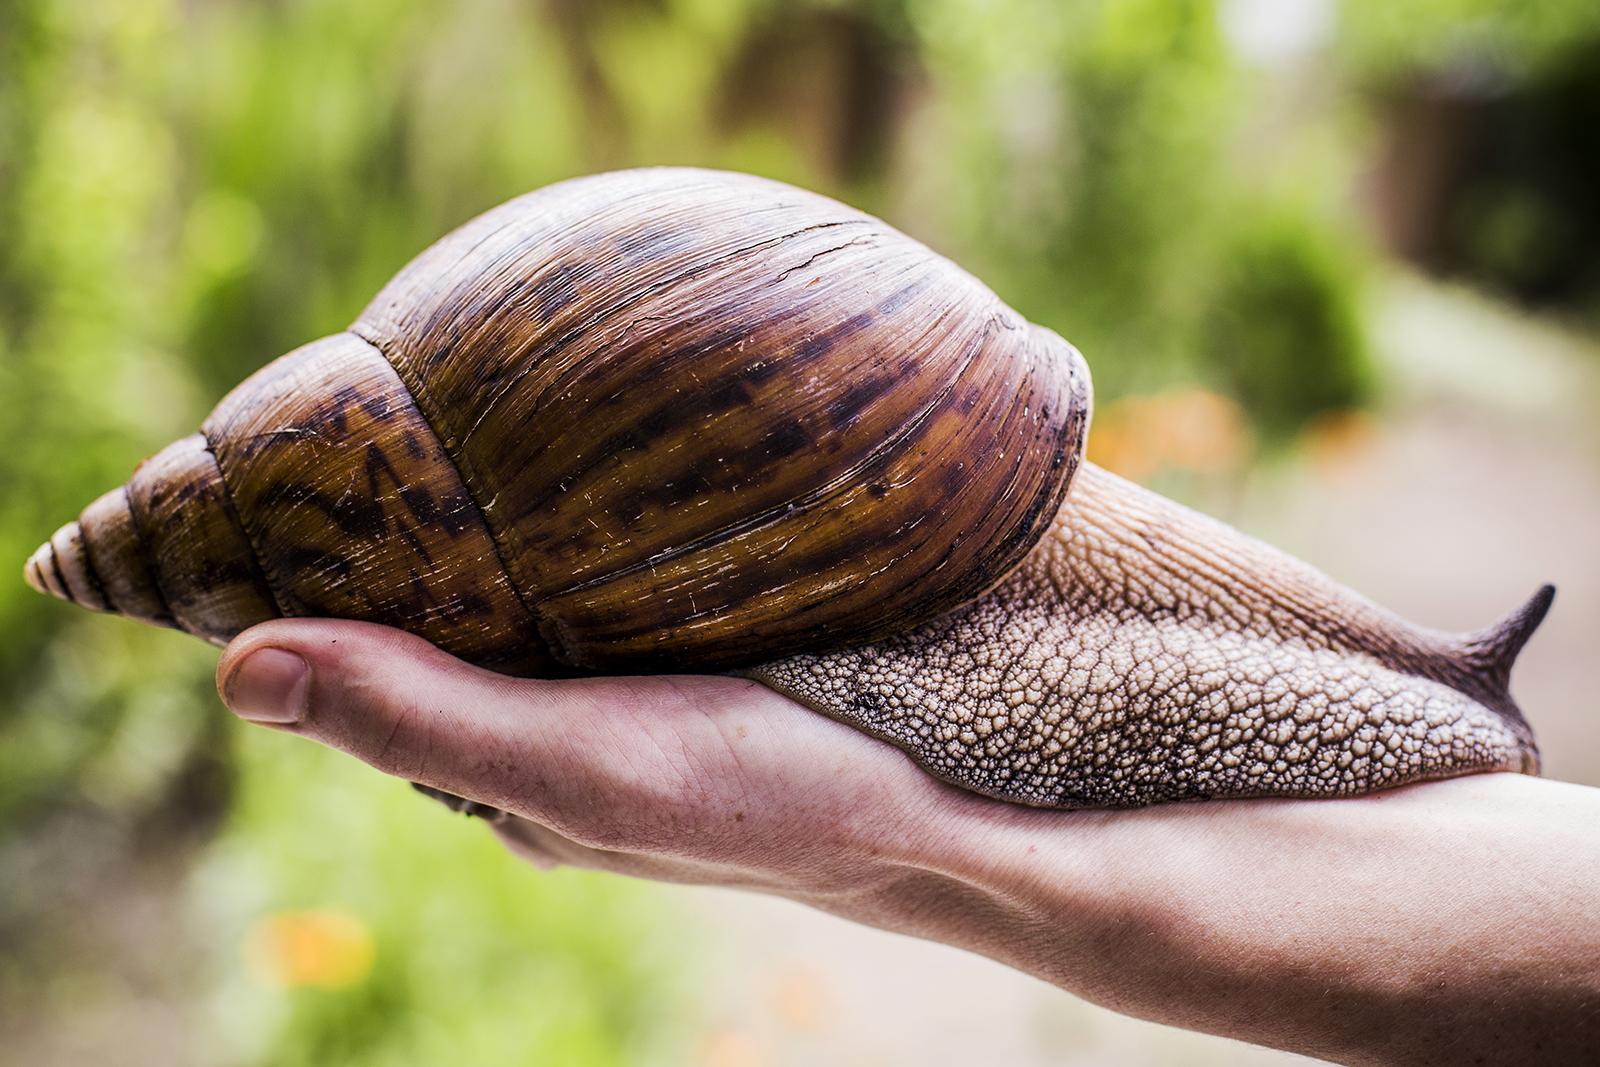 Milyen a csiga nyálka az emberi bőr számára? - Hús November